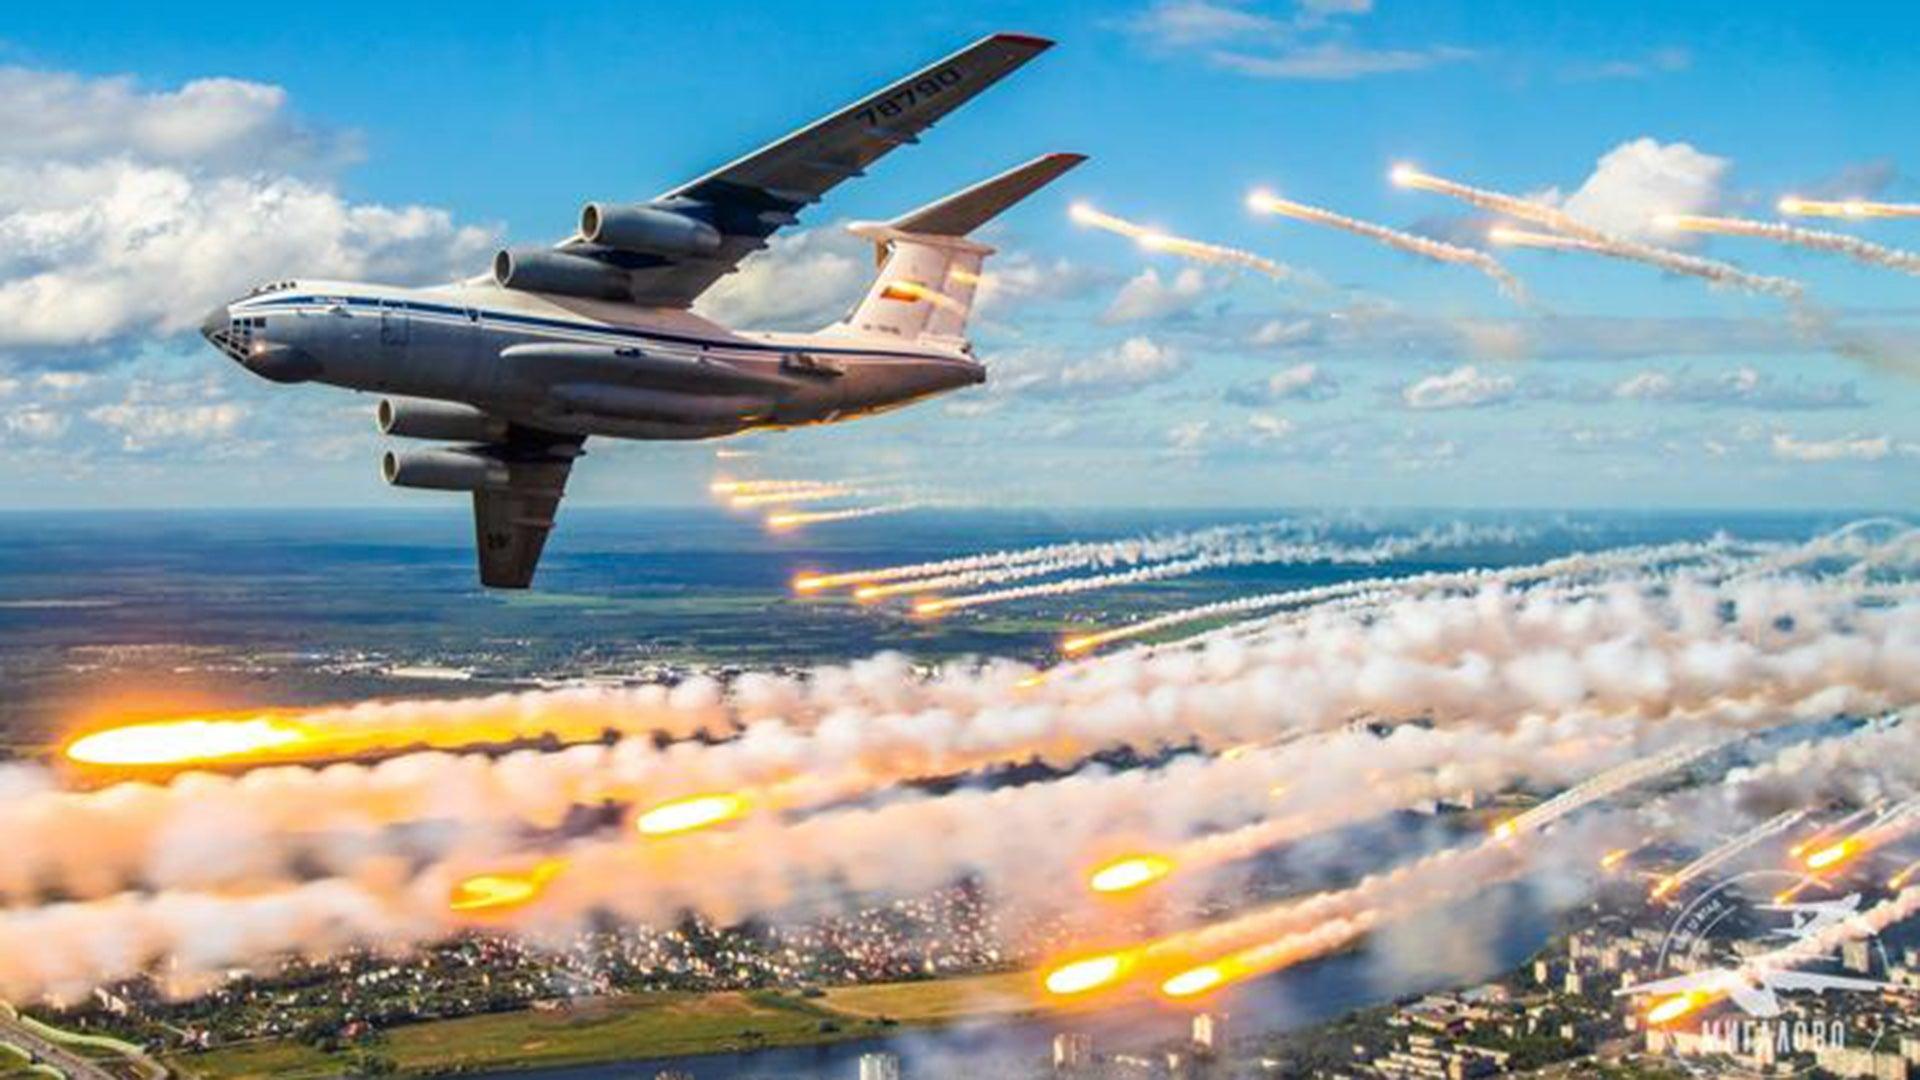 Тверские экипажи самолетов Ил-76 впечатлили американцев - новости Афанасий